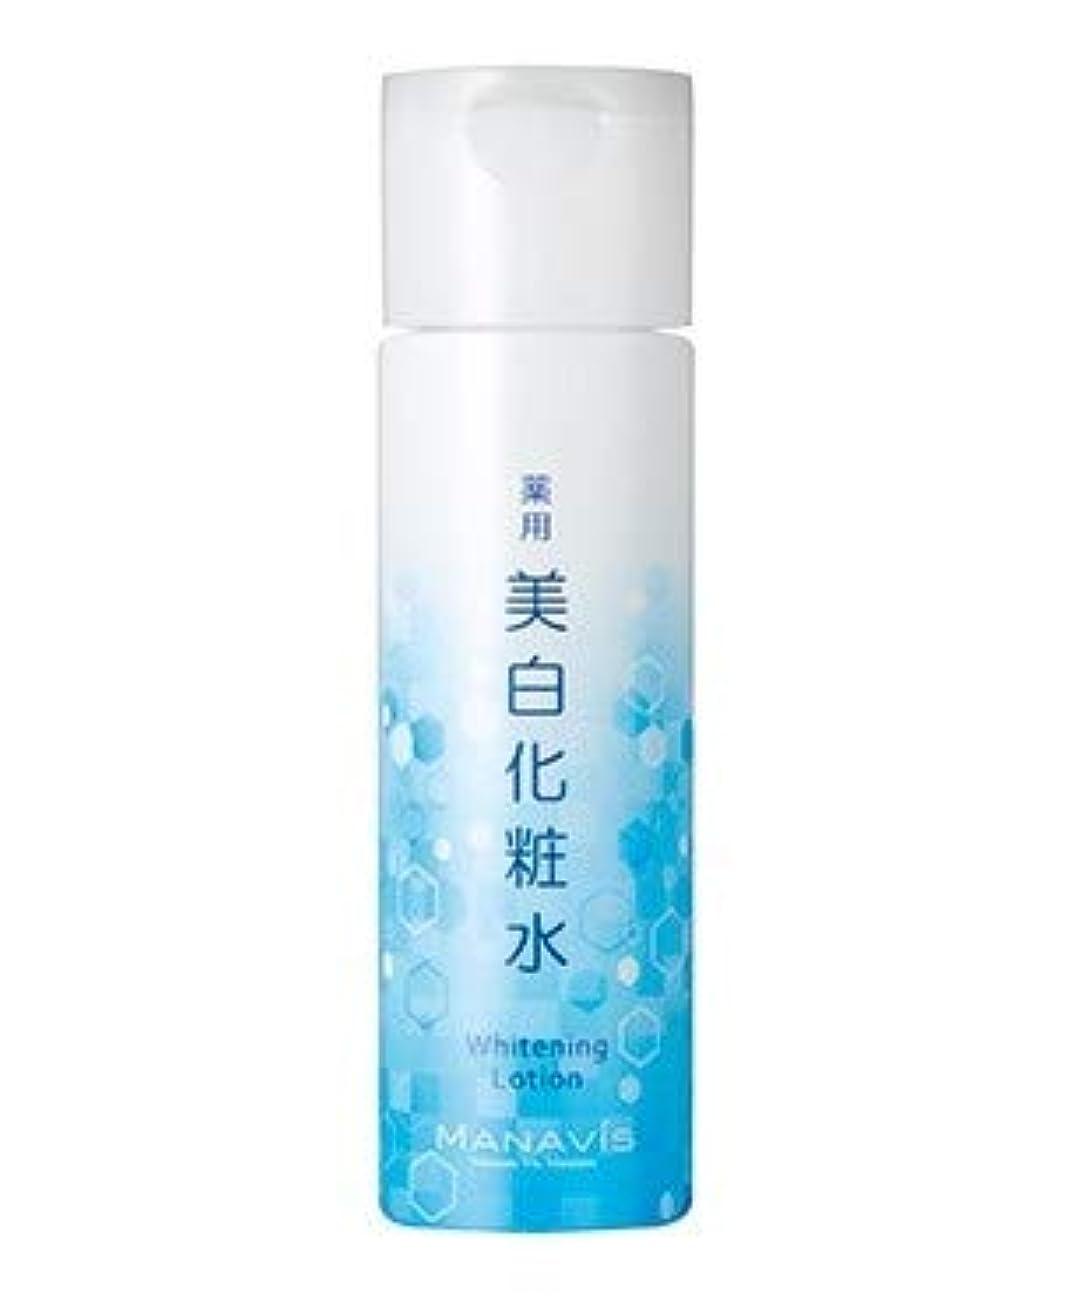 バルーン機会真実に限定品 マナビス 薬用 美白化粧水 120ml MANAVIS 化粧水 マナビス化粧品 薬用美白化粧水